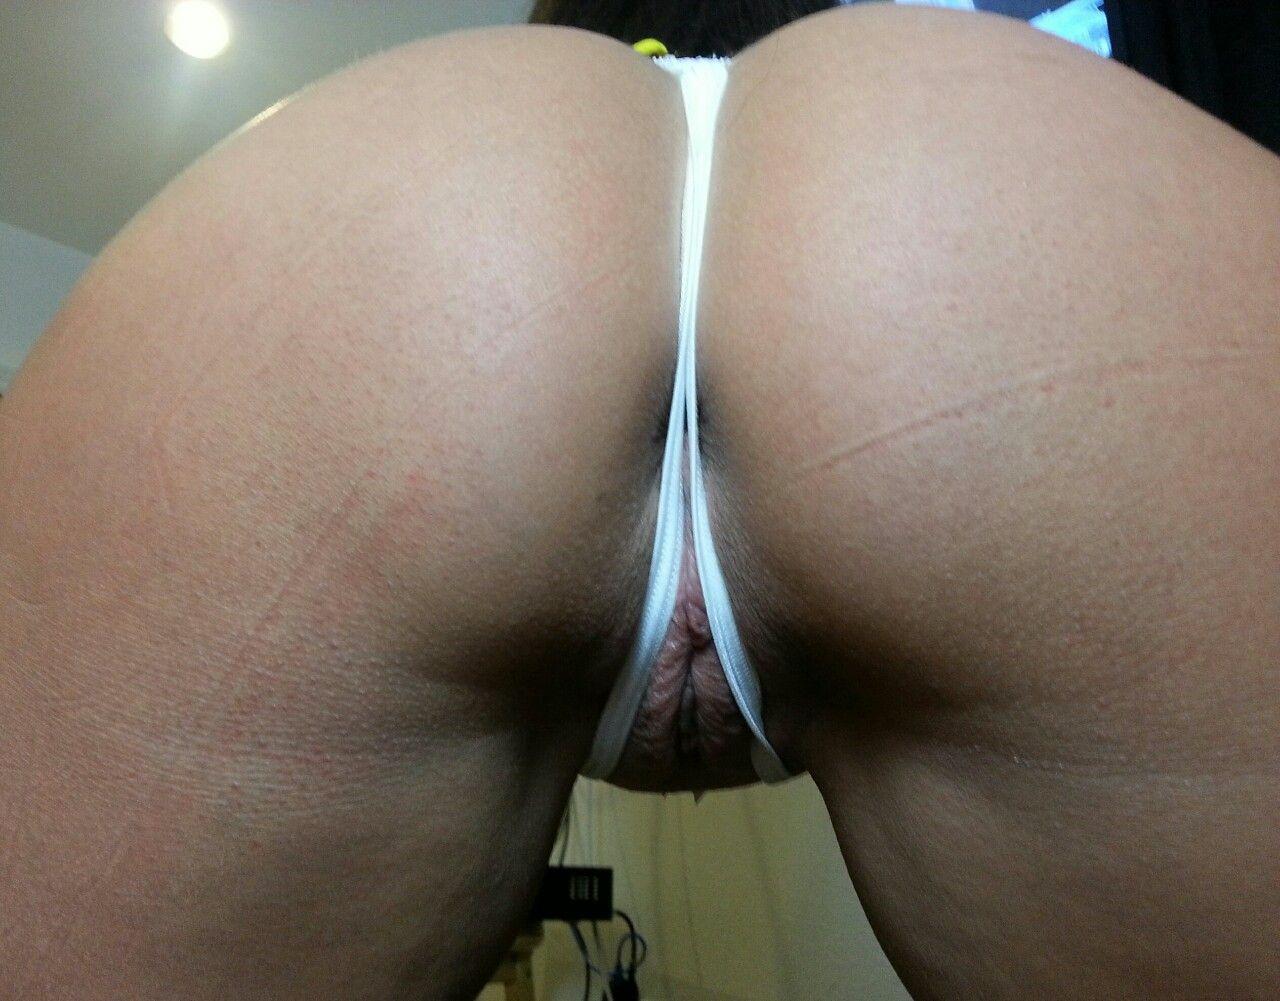 Трусики с отверстием фото порно, Женщины в трусиках с вырезом для письки - Частное 1 фотография